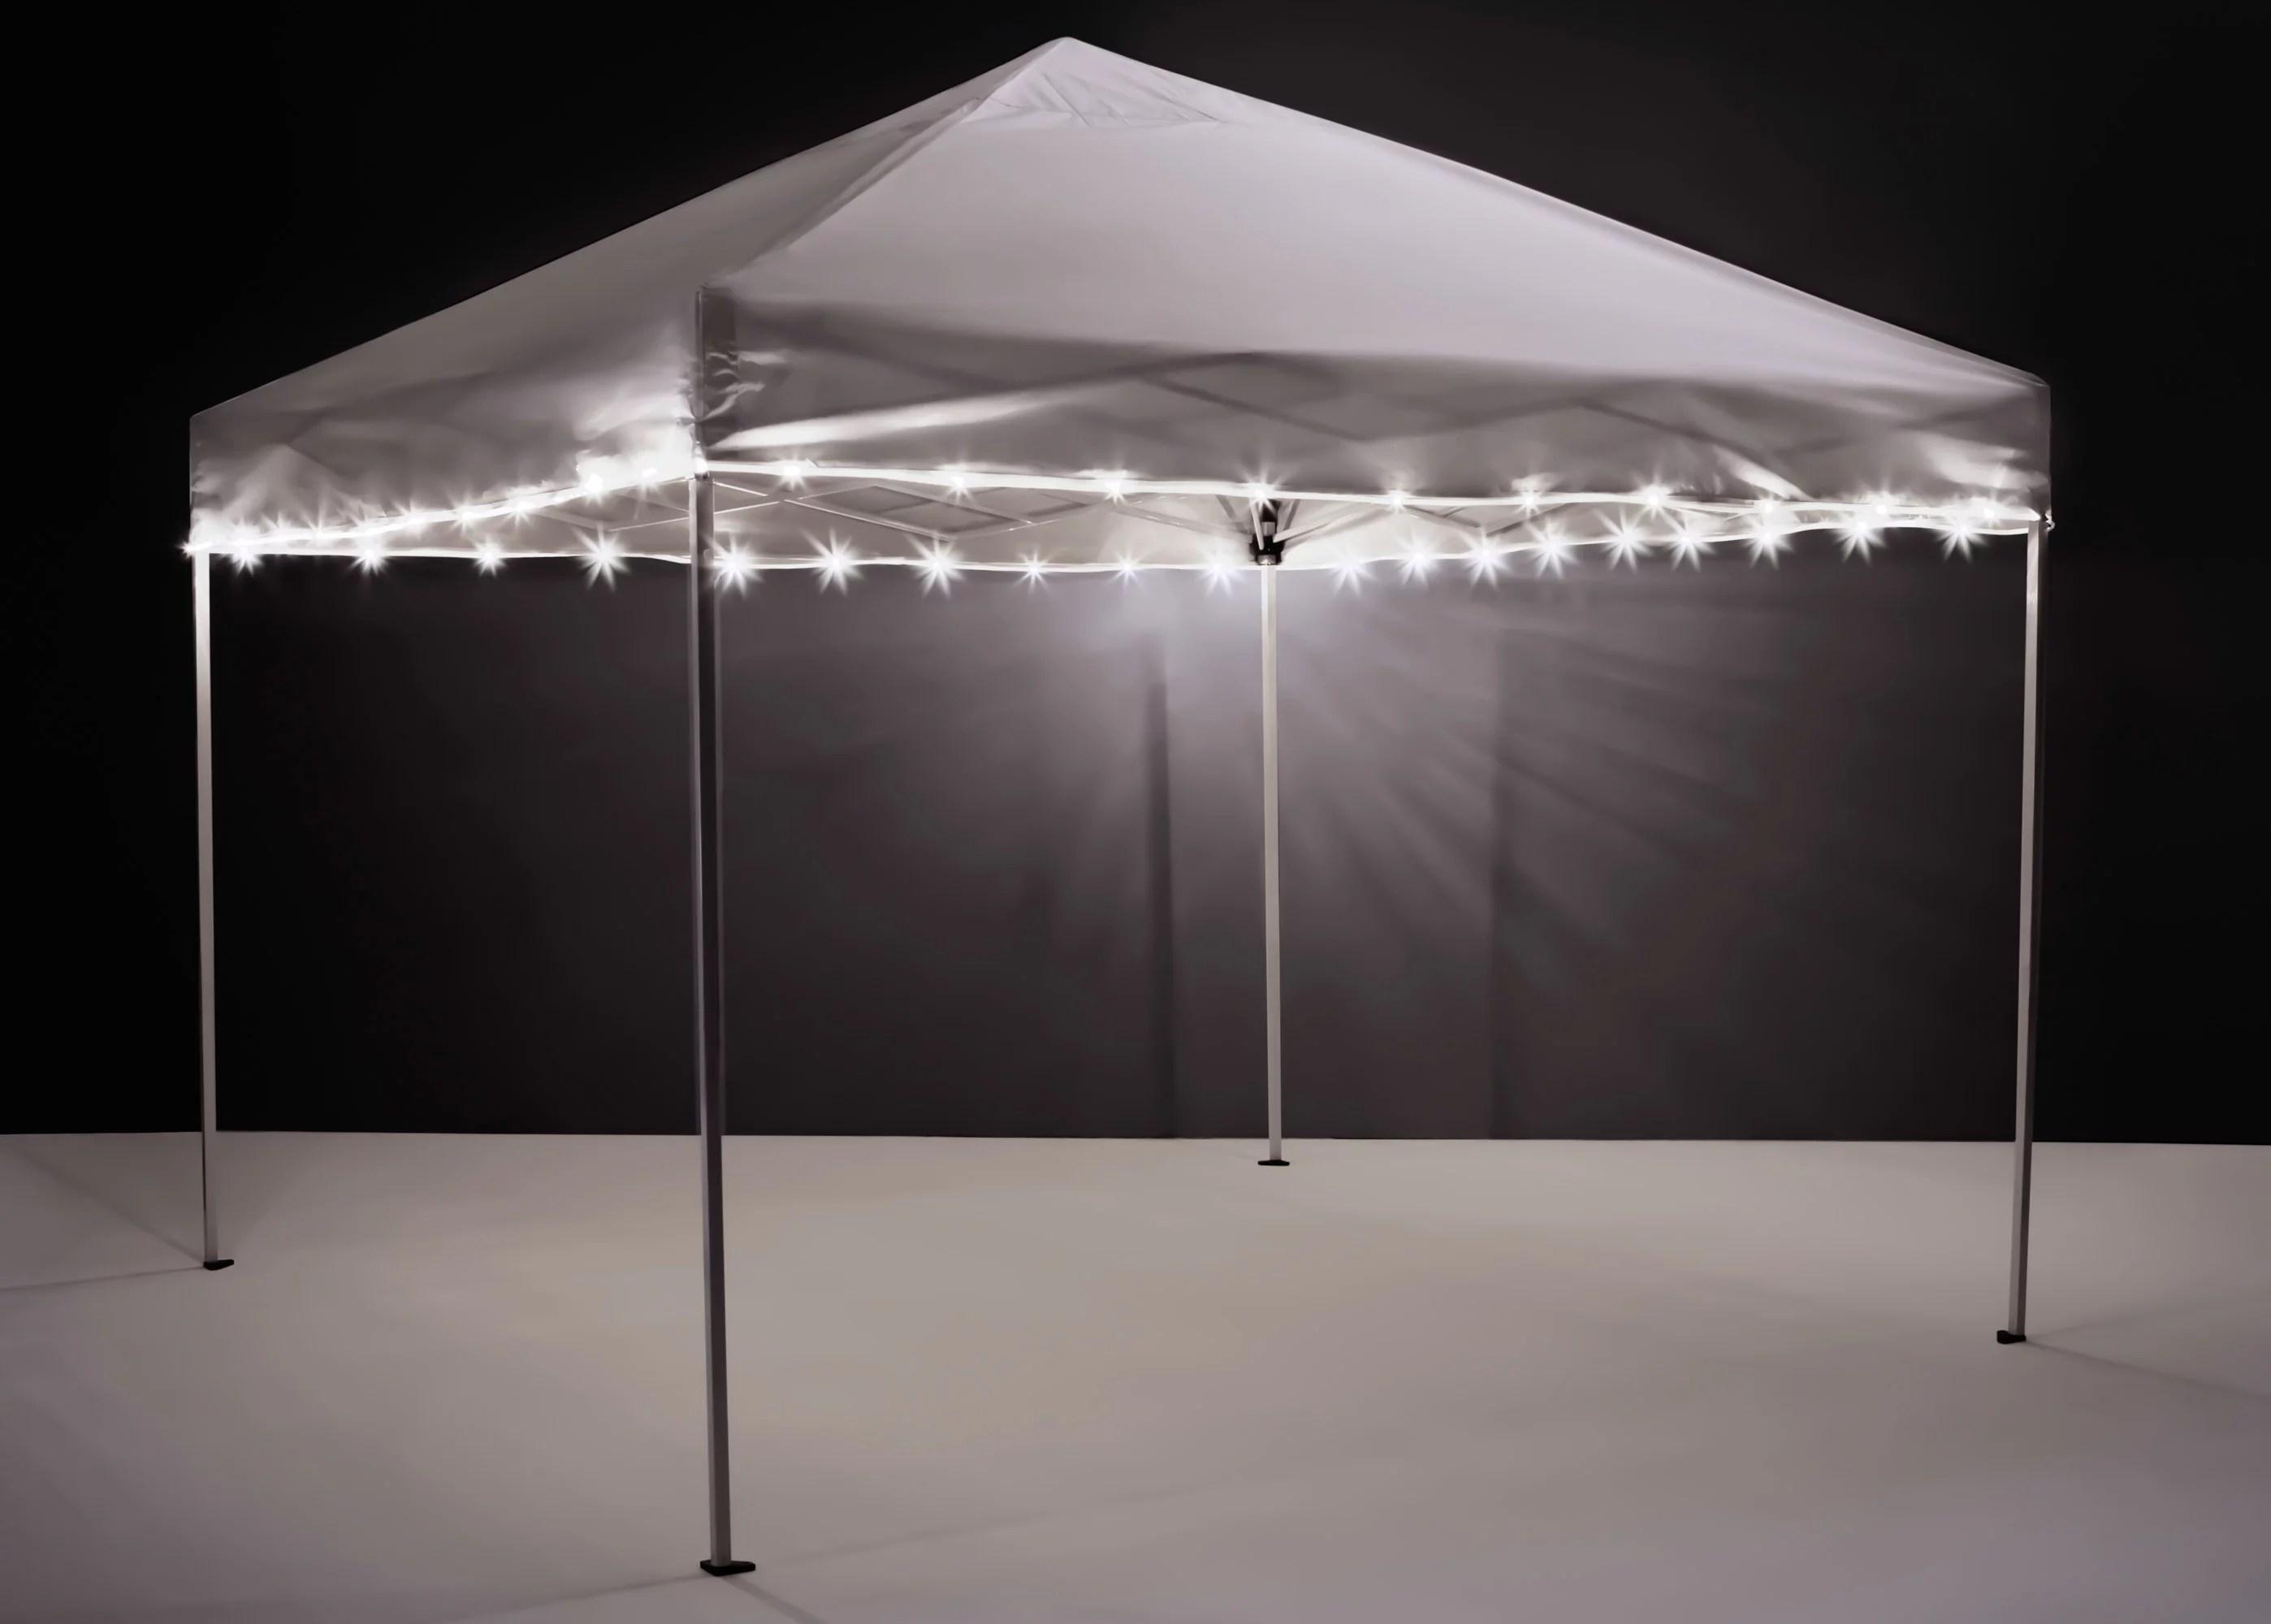 brightz white led light string for canopies canopybrightz walmart com walmart com